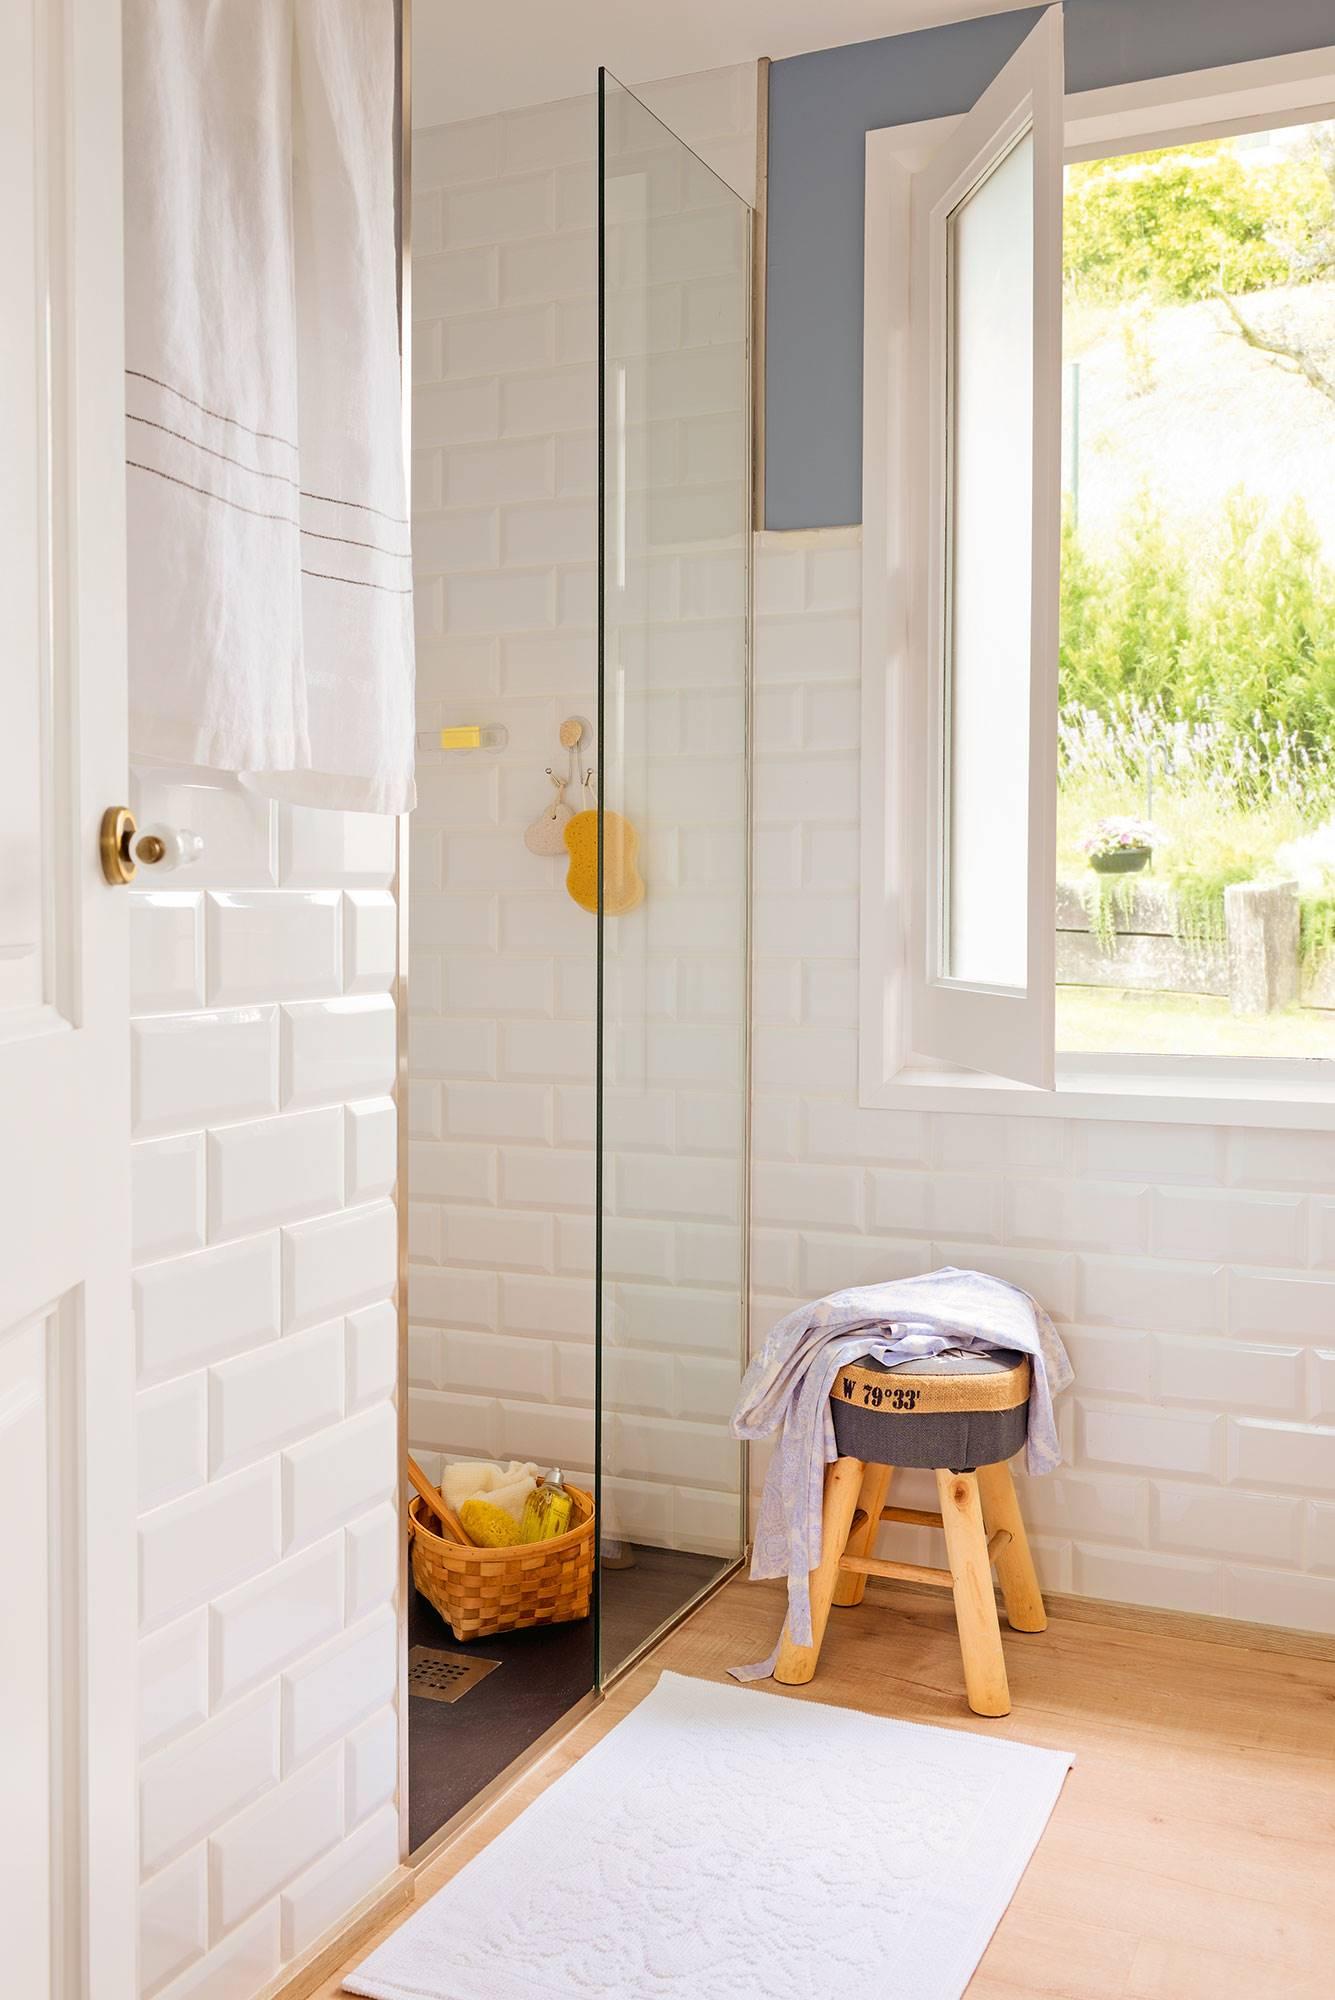 210 fotos de azulejos - Limpiar juntas azulejos ducha ...